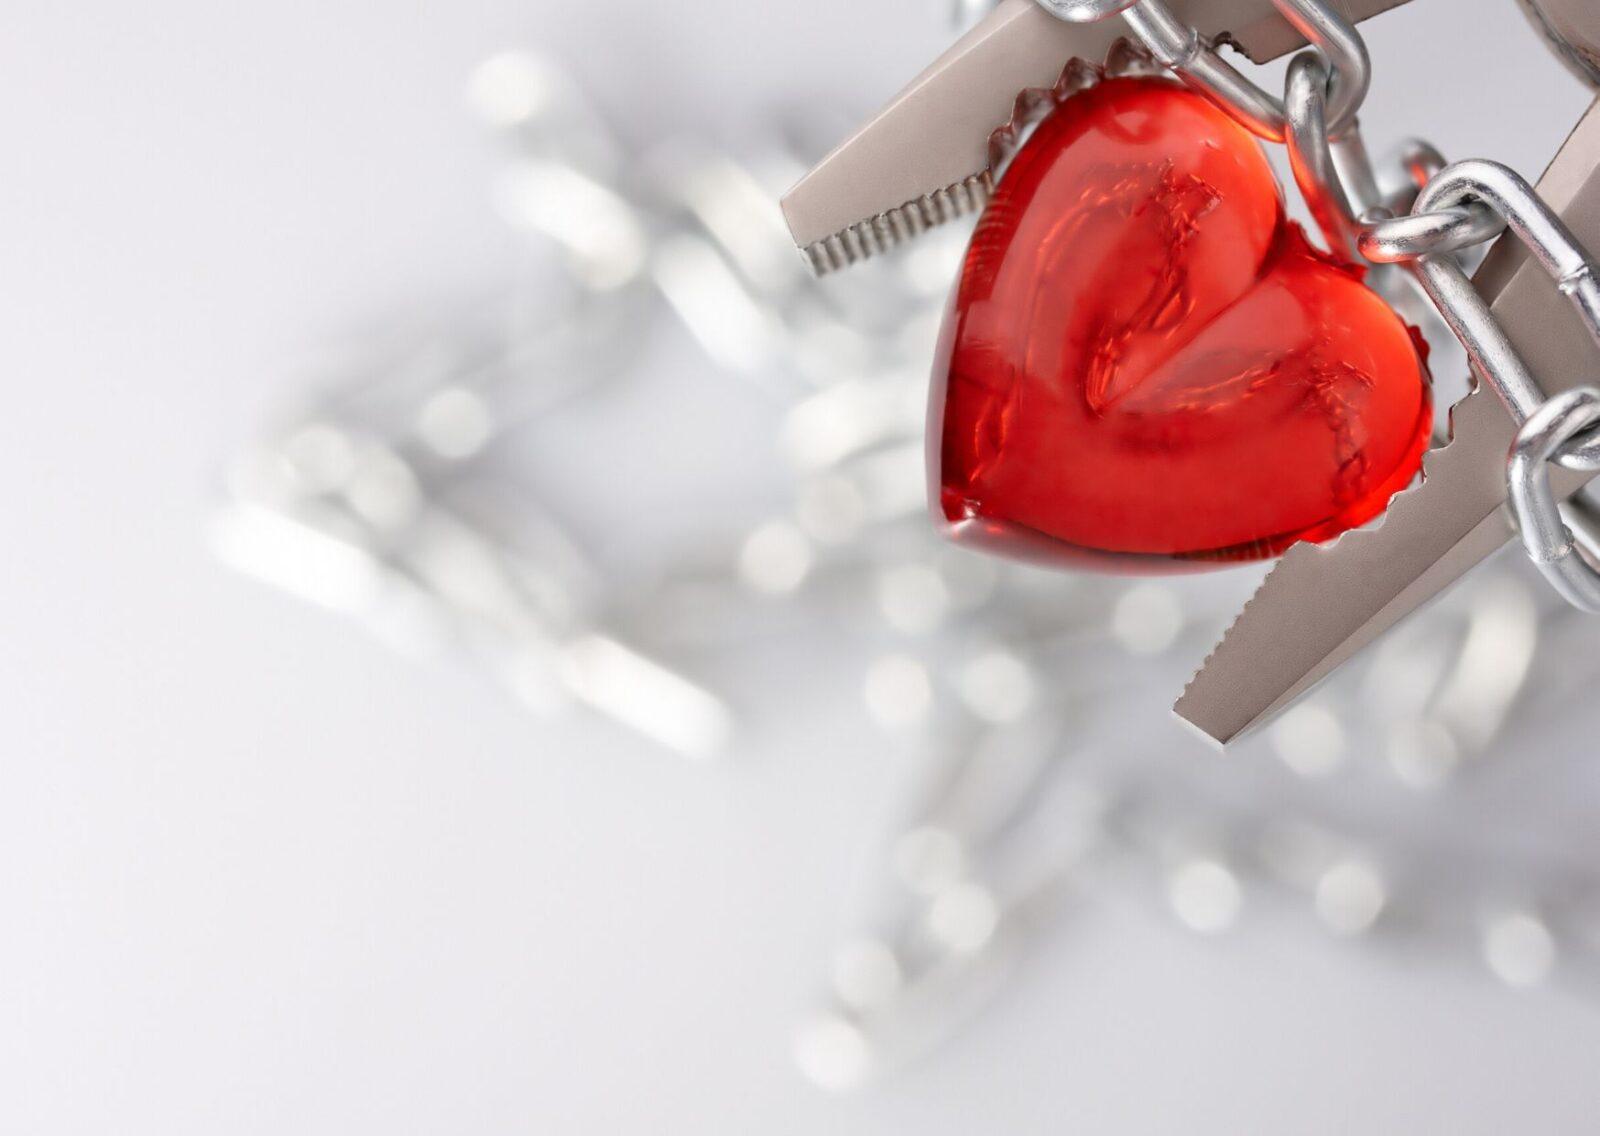 Созависимые отношения. Как выдержать давление со стороны мужа? Пример из практики